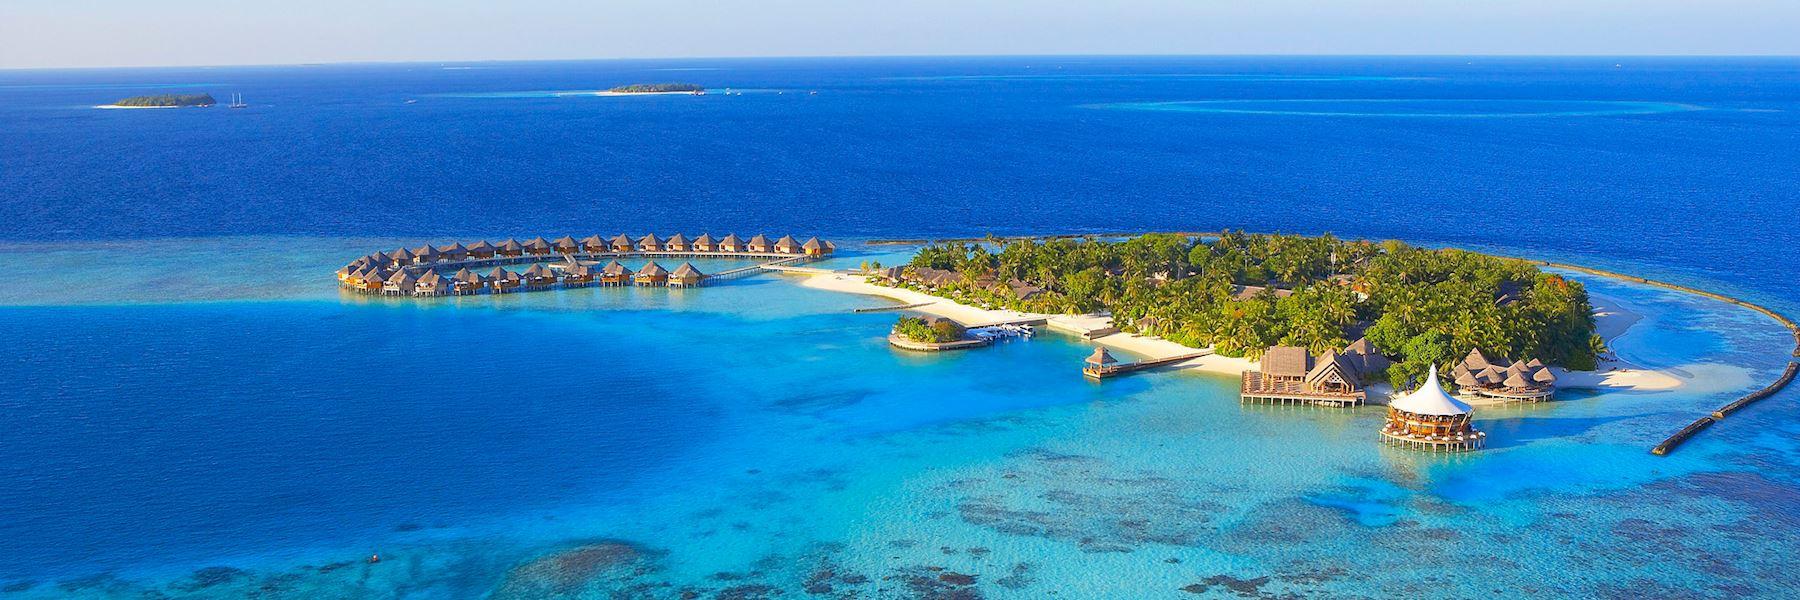 Maldives vacations